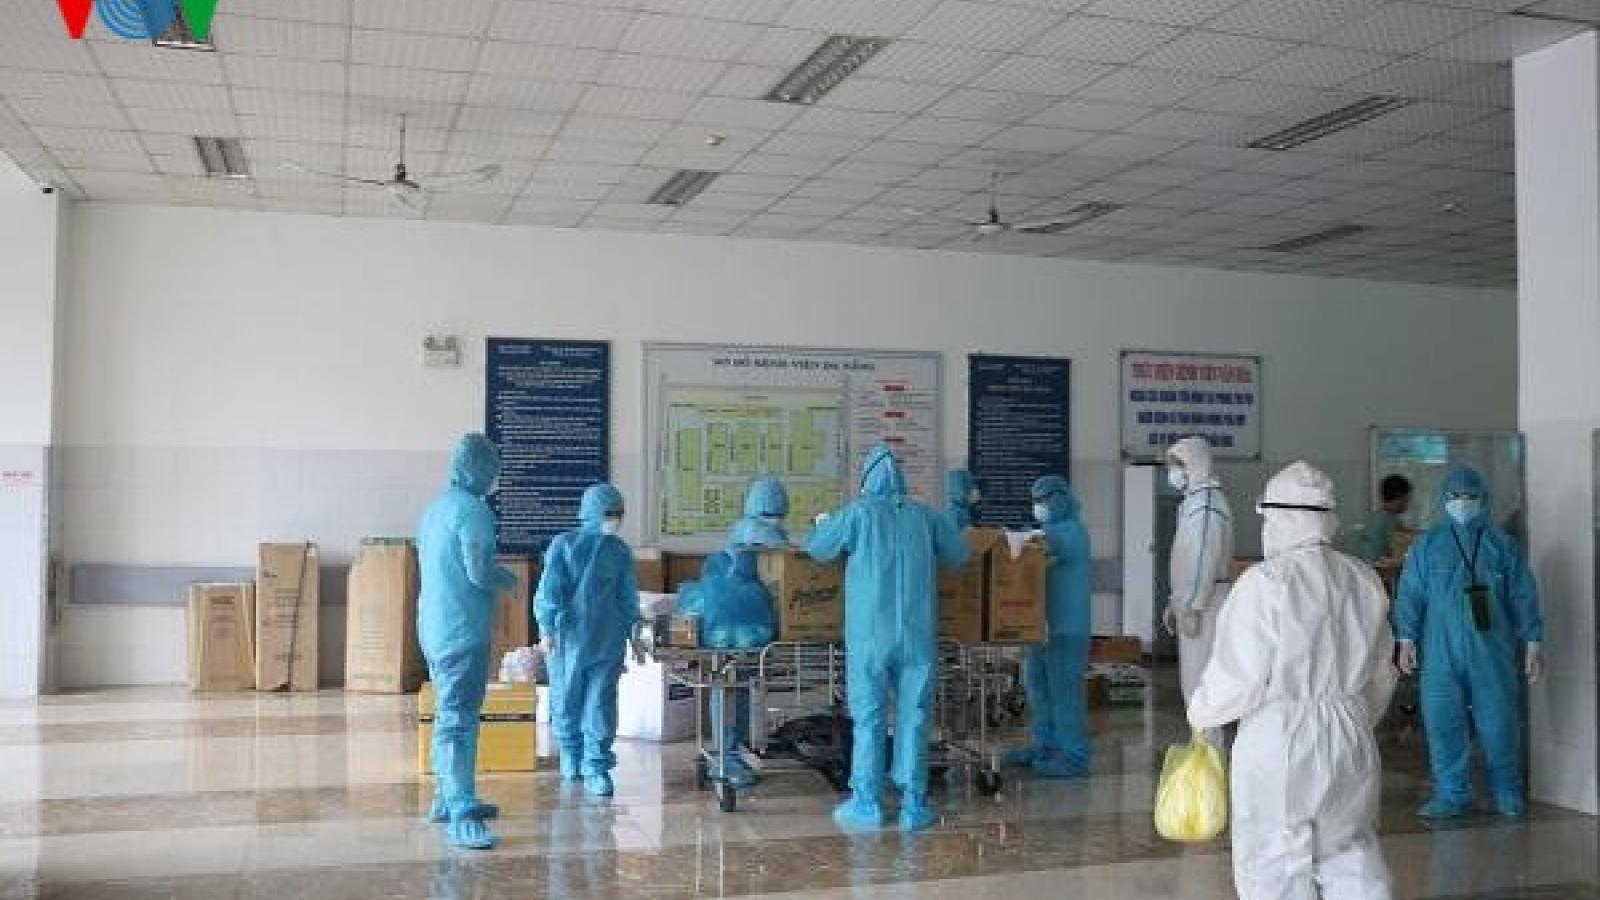 Bệnh viện Đà Nẵng cơ bản được làm sạch, không còn bệnh nhân Covid-19